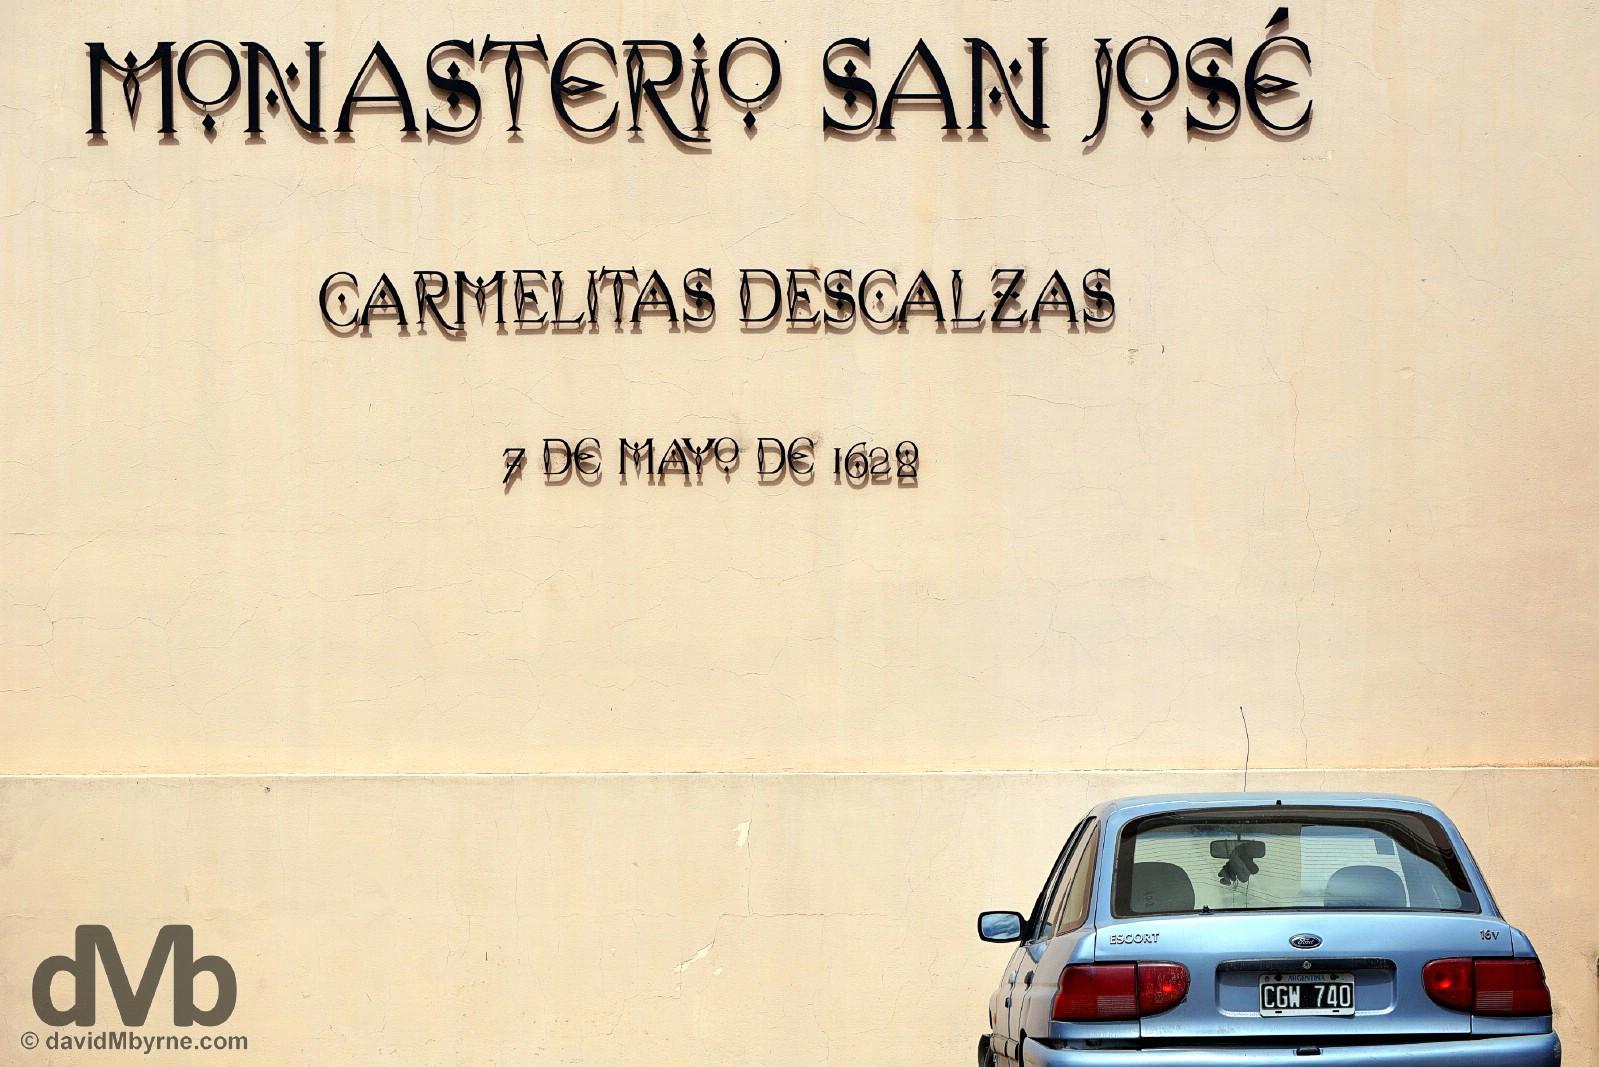 The 1628 Monastero San Jose, a working Carmelite monastery in Cordoba, Argentina. September 24, 2015.